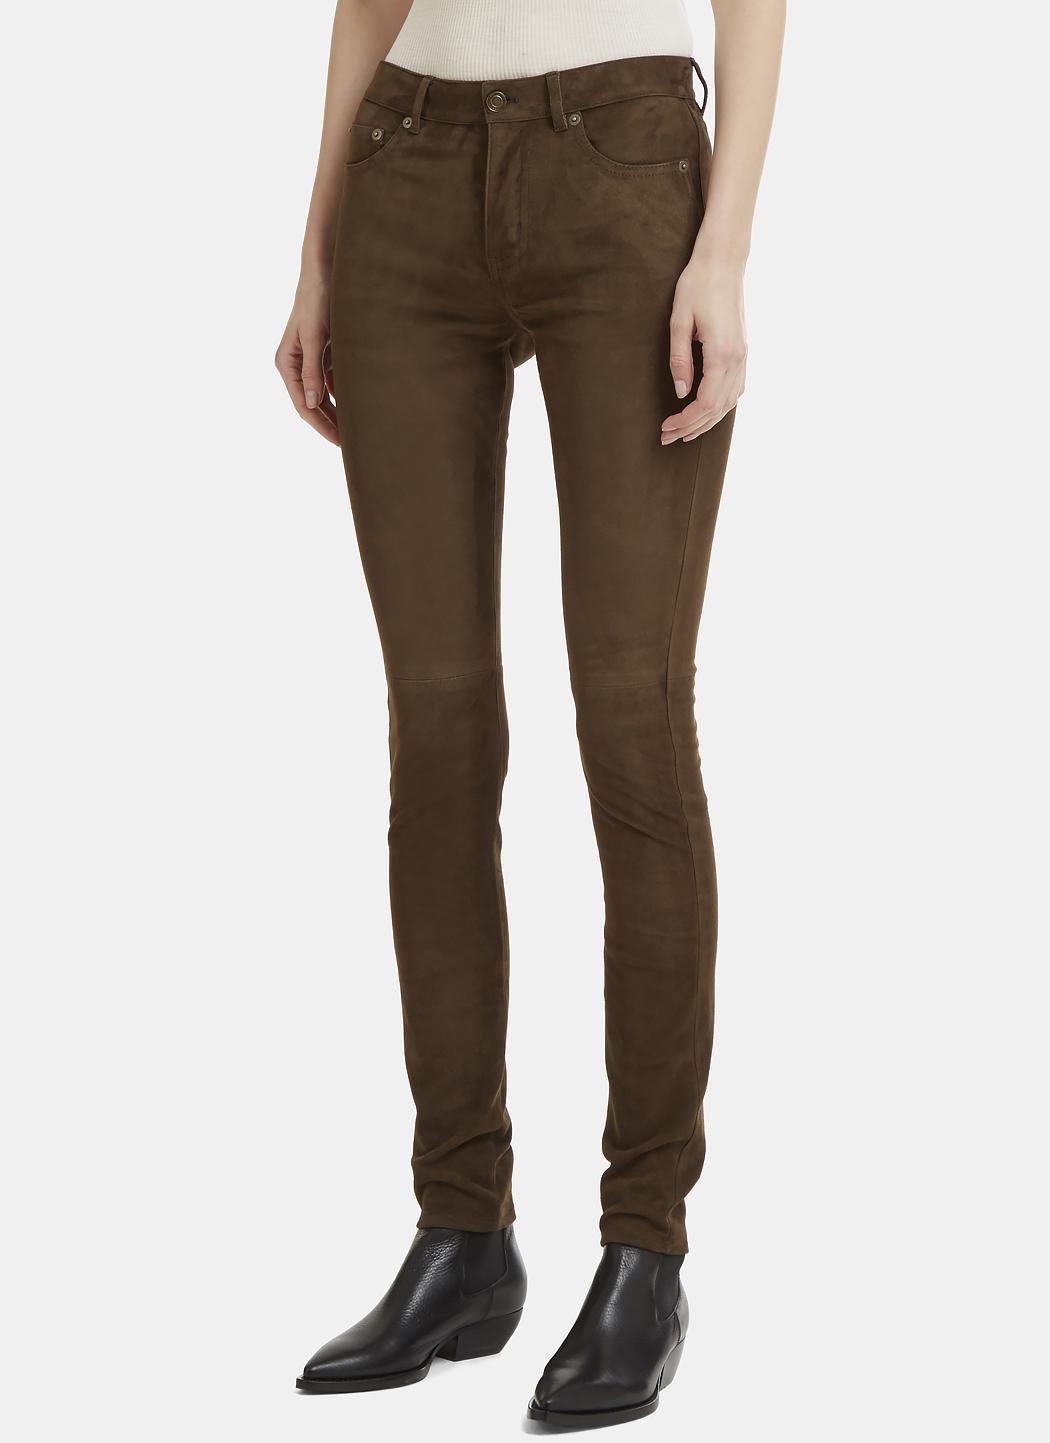 Suede Skinny Leg Pants Saint Laurent 832ZB